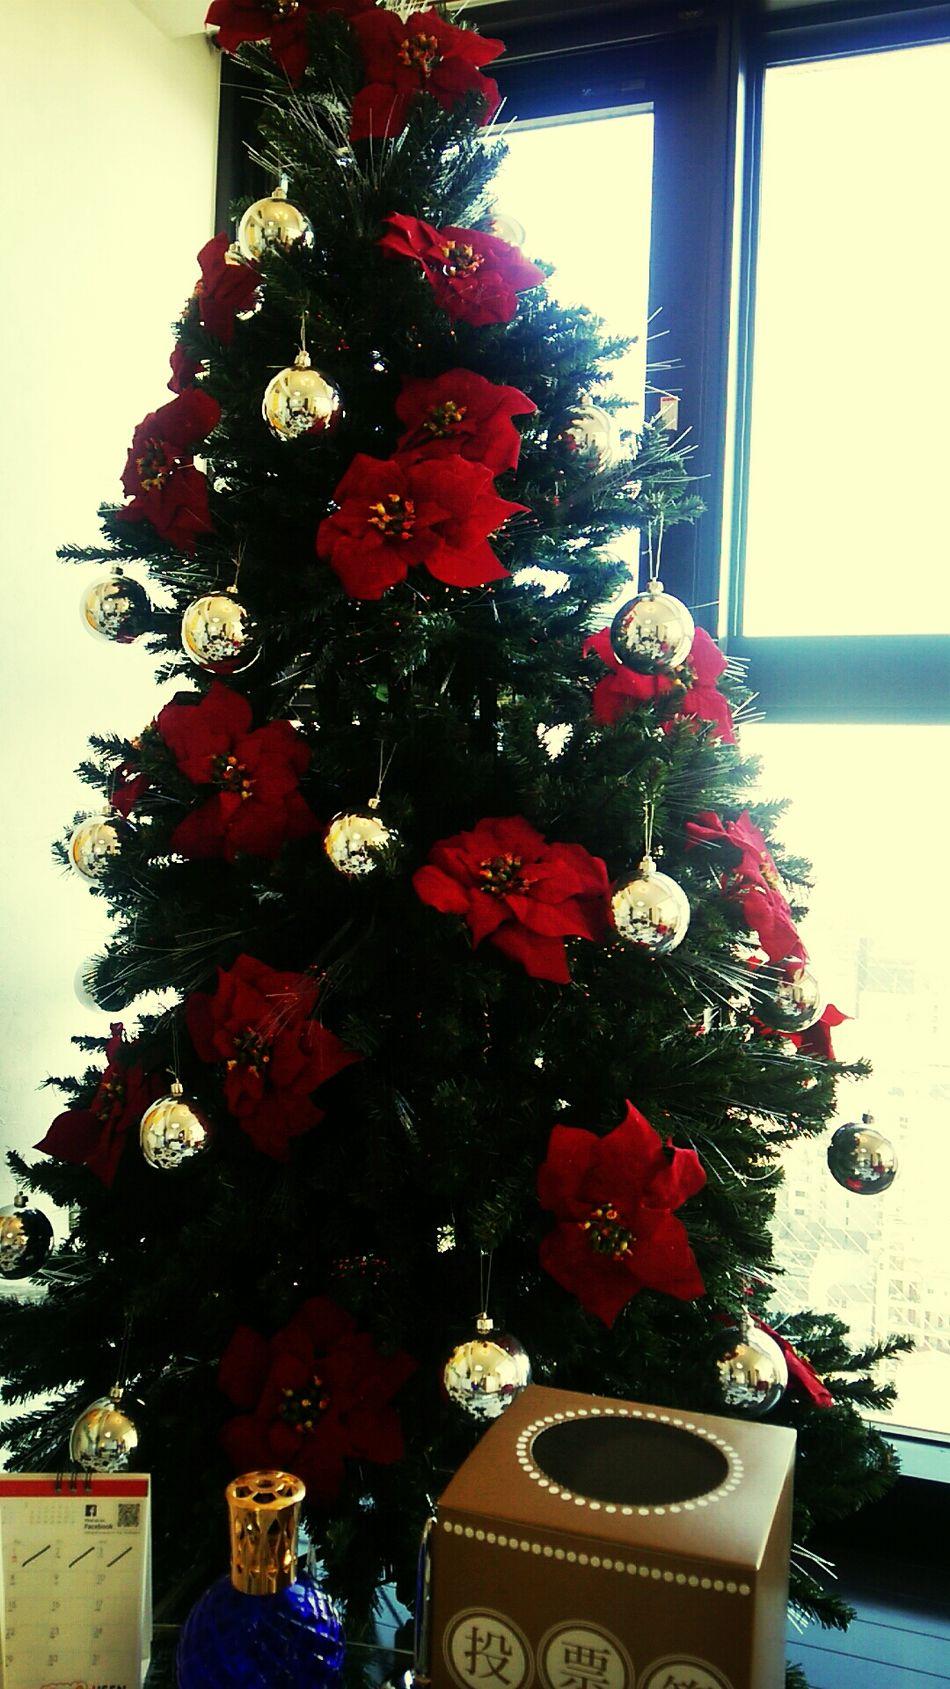 Christmas Tree 明日から寒い 雪降るかな 電車遅れるかな